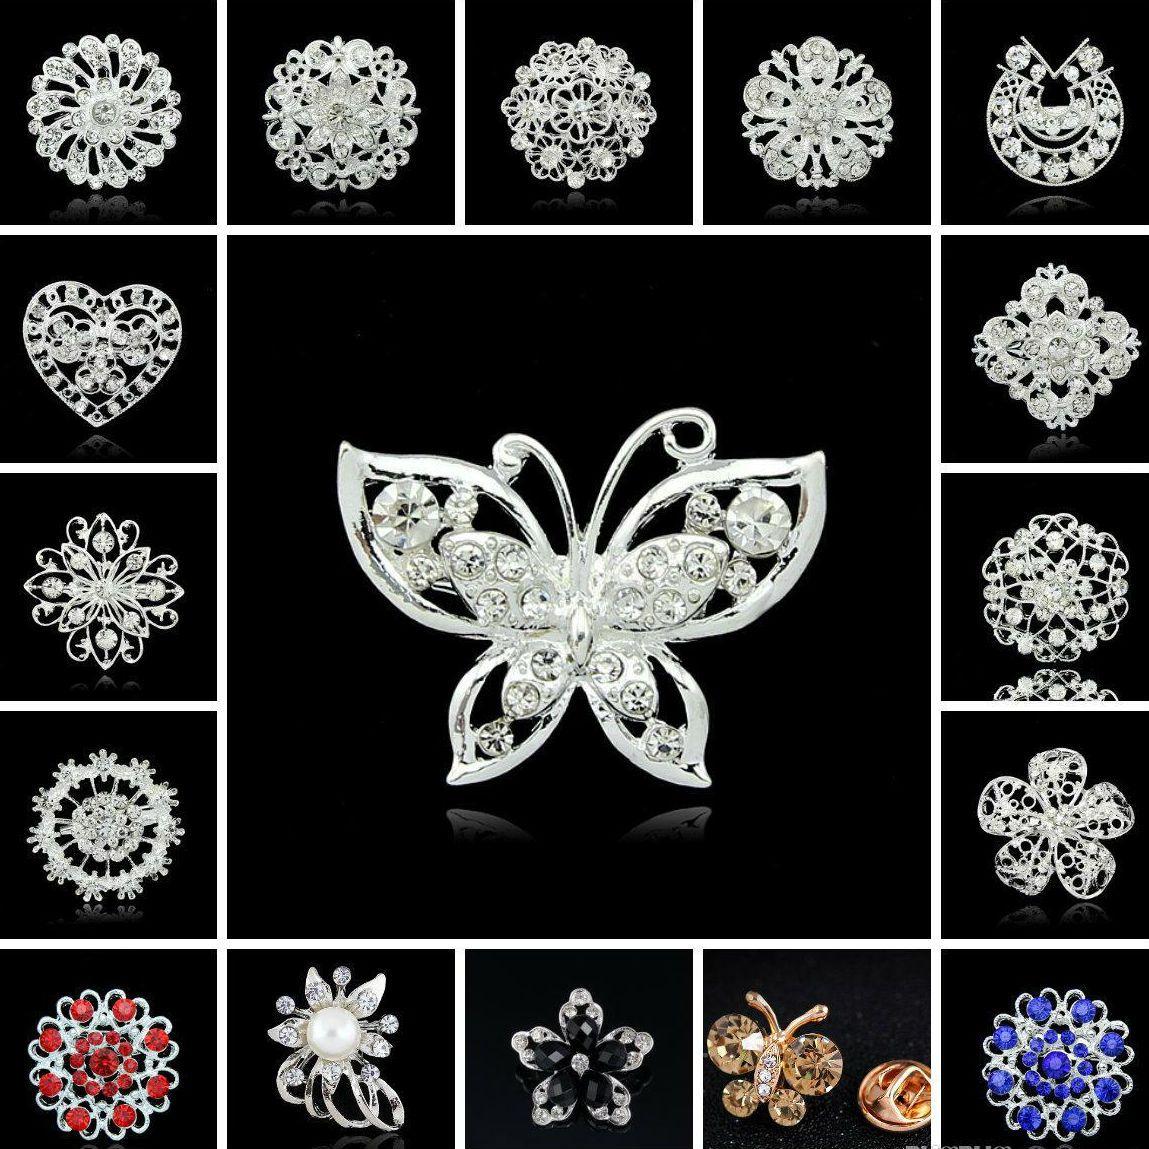 Mujeres Moda Vintage Broches de diamantes de imitación Cristal Copo de nieve grande Invierno nieve Tema Navidad Broches Pines